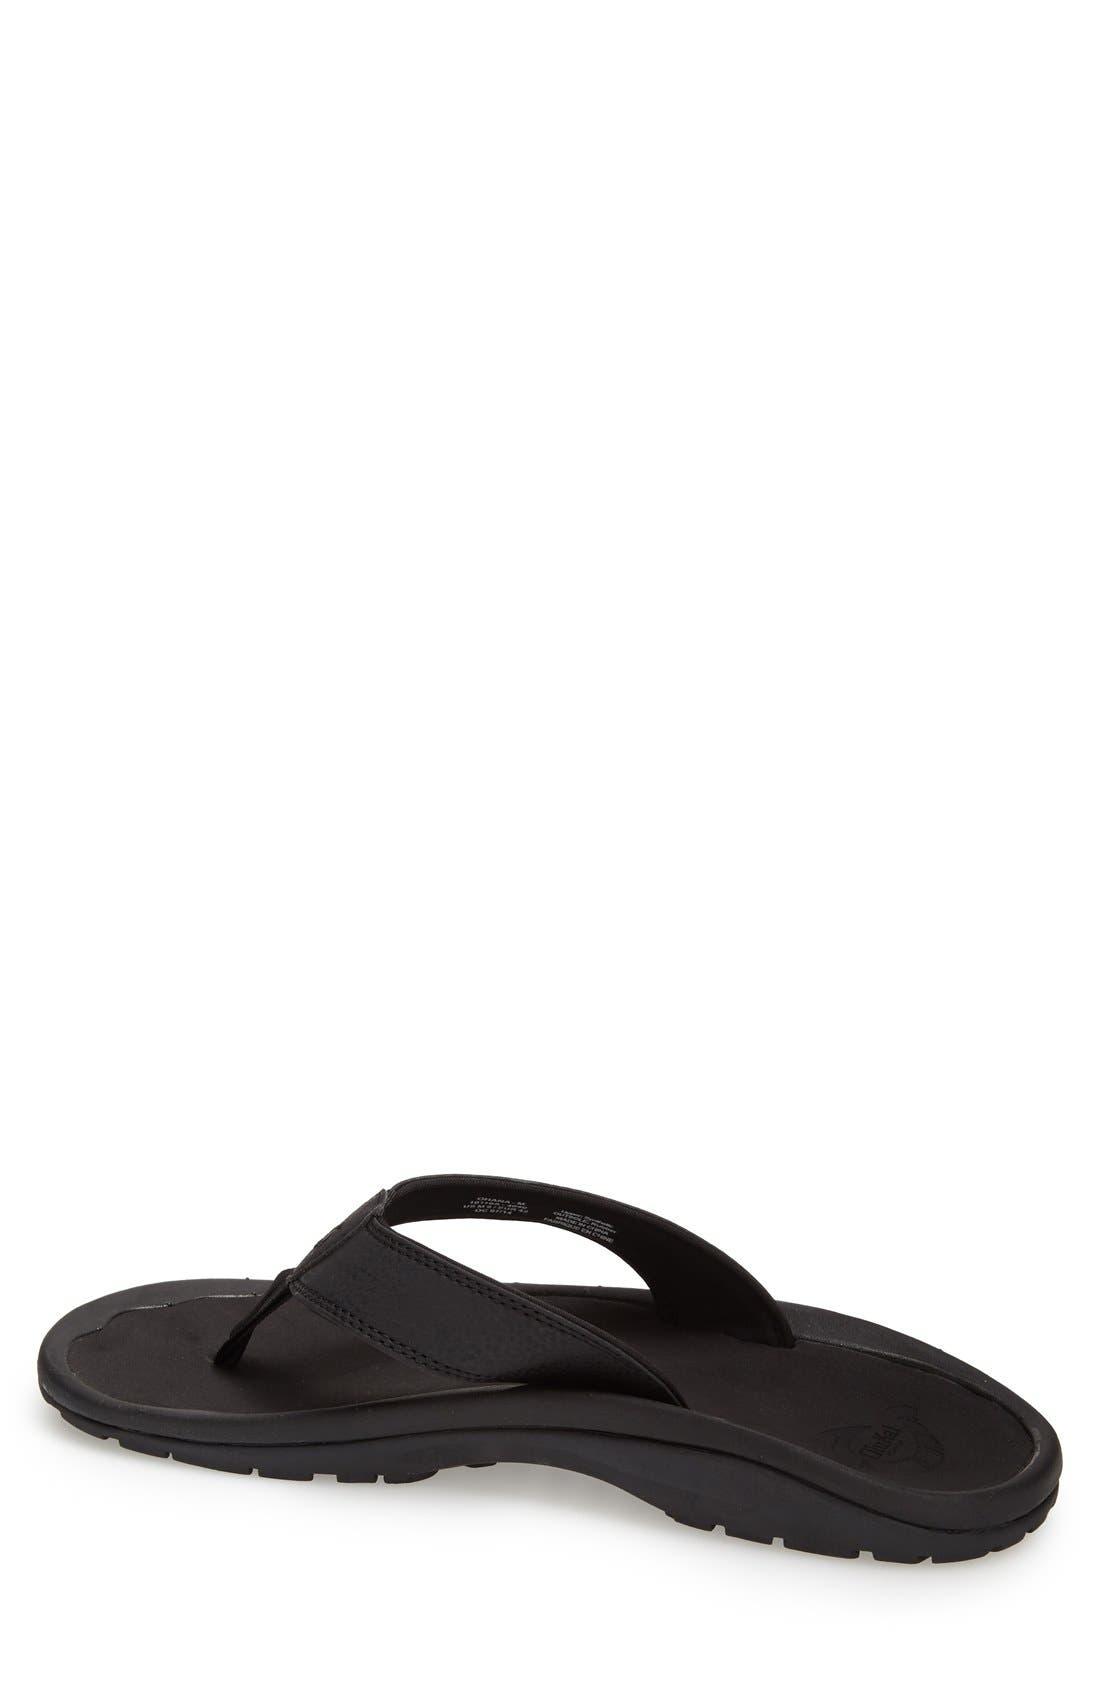 36df42818d1 OluKai Sandals   Shoes for Men